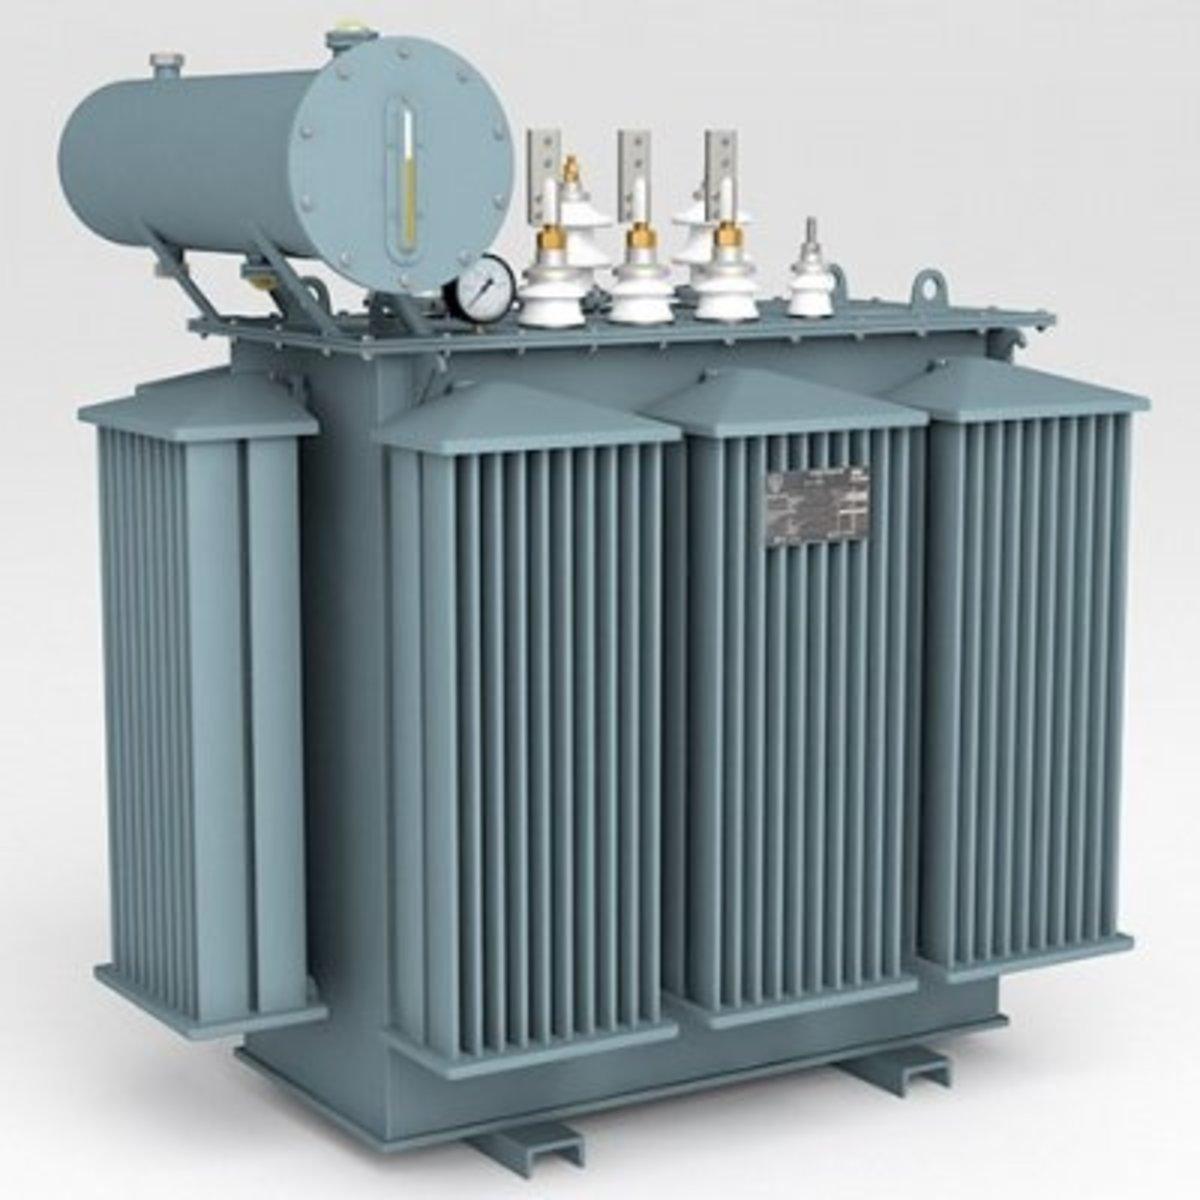 easy-understanding-of-working-of-transformer